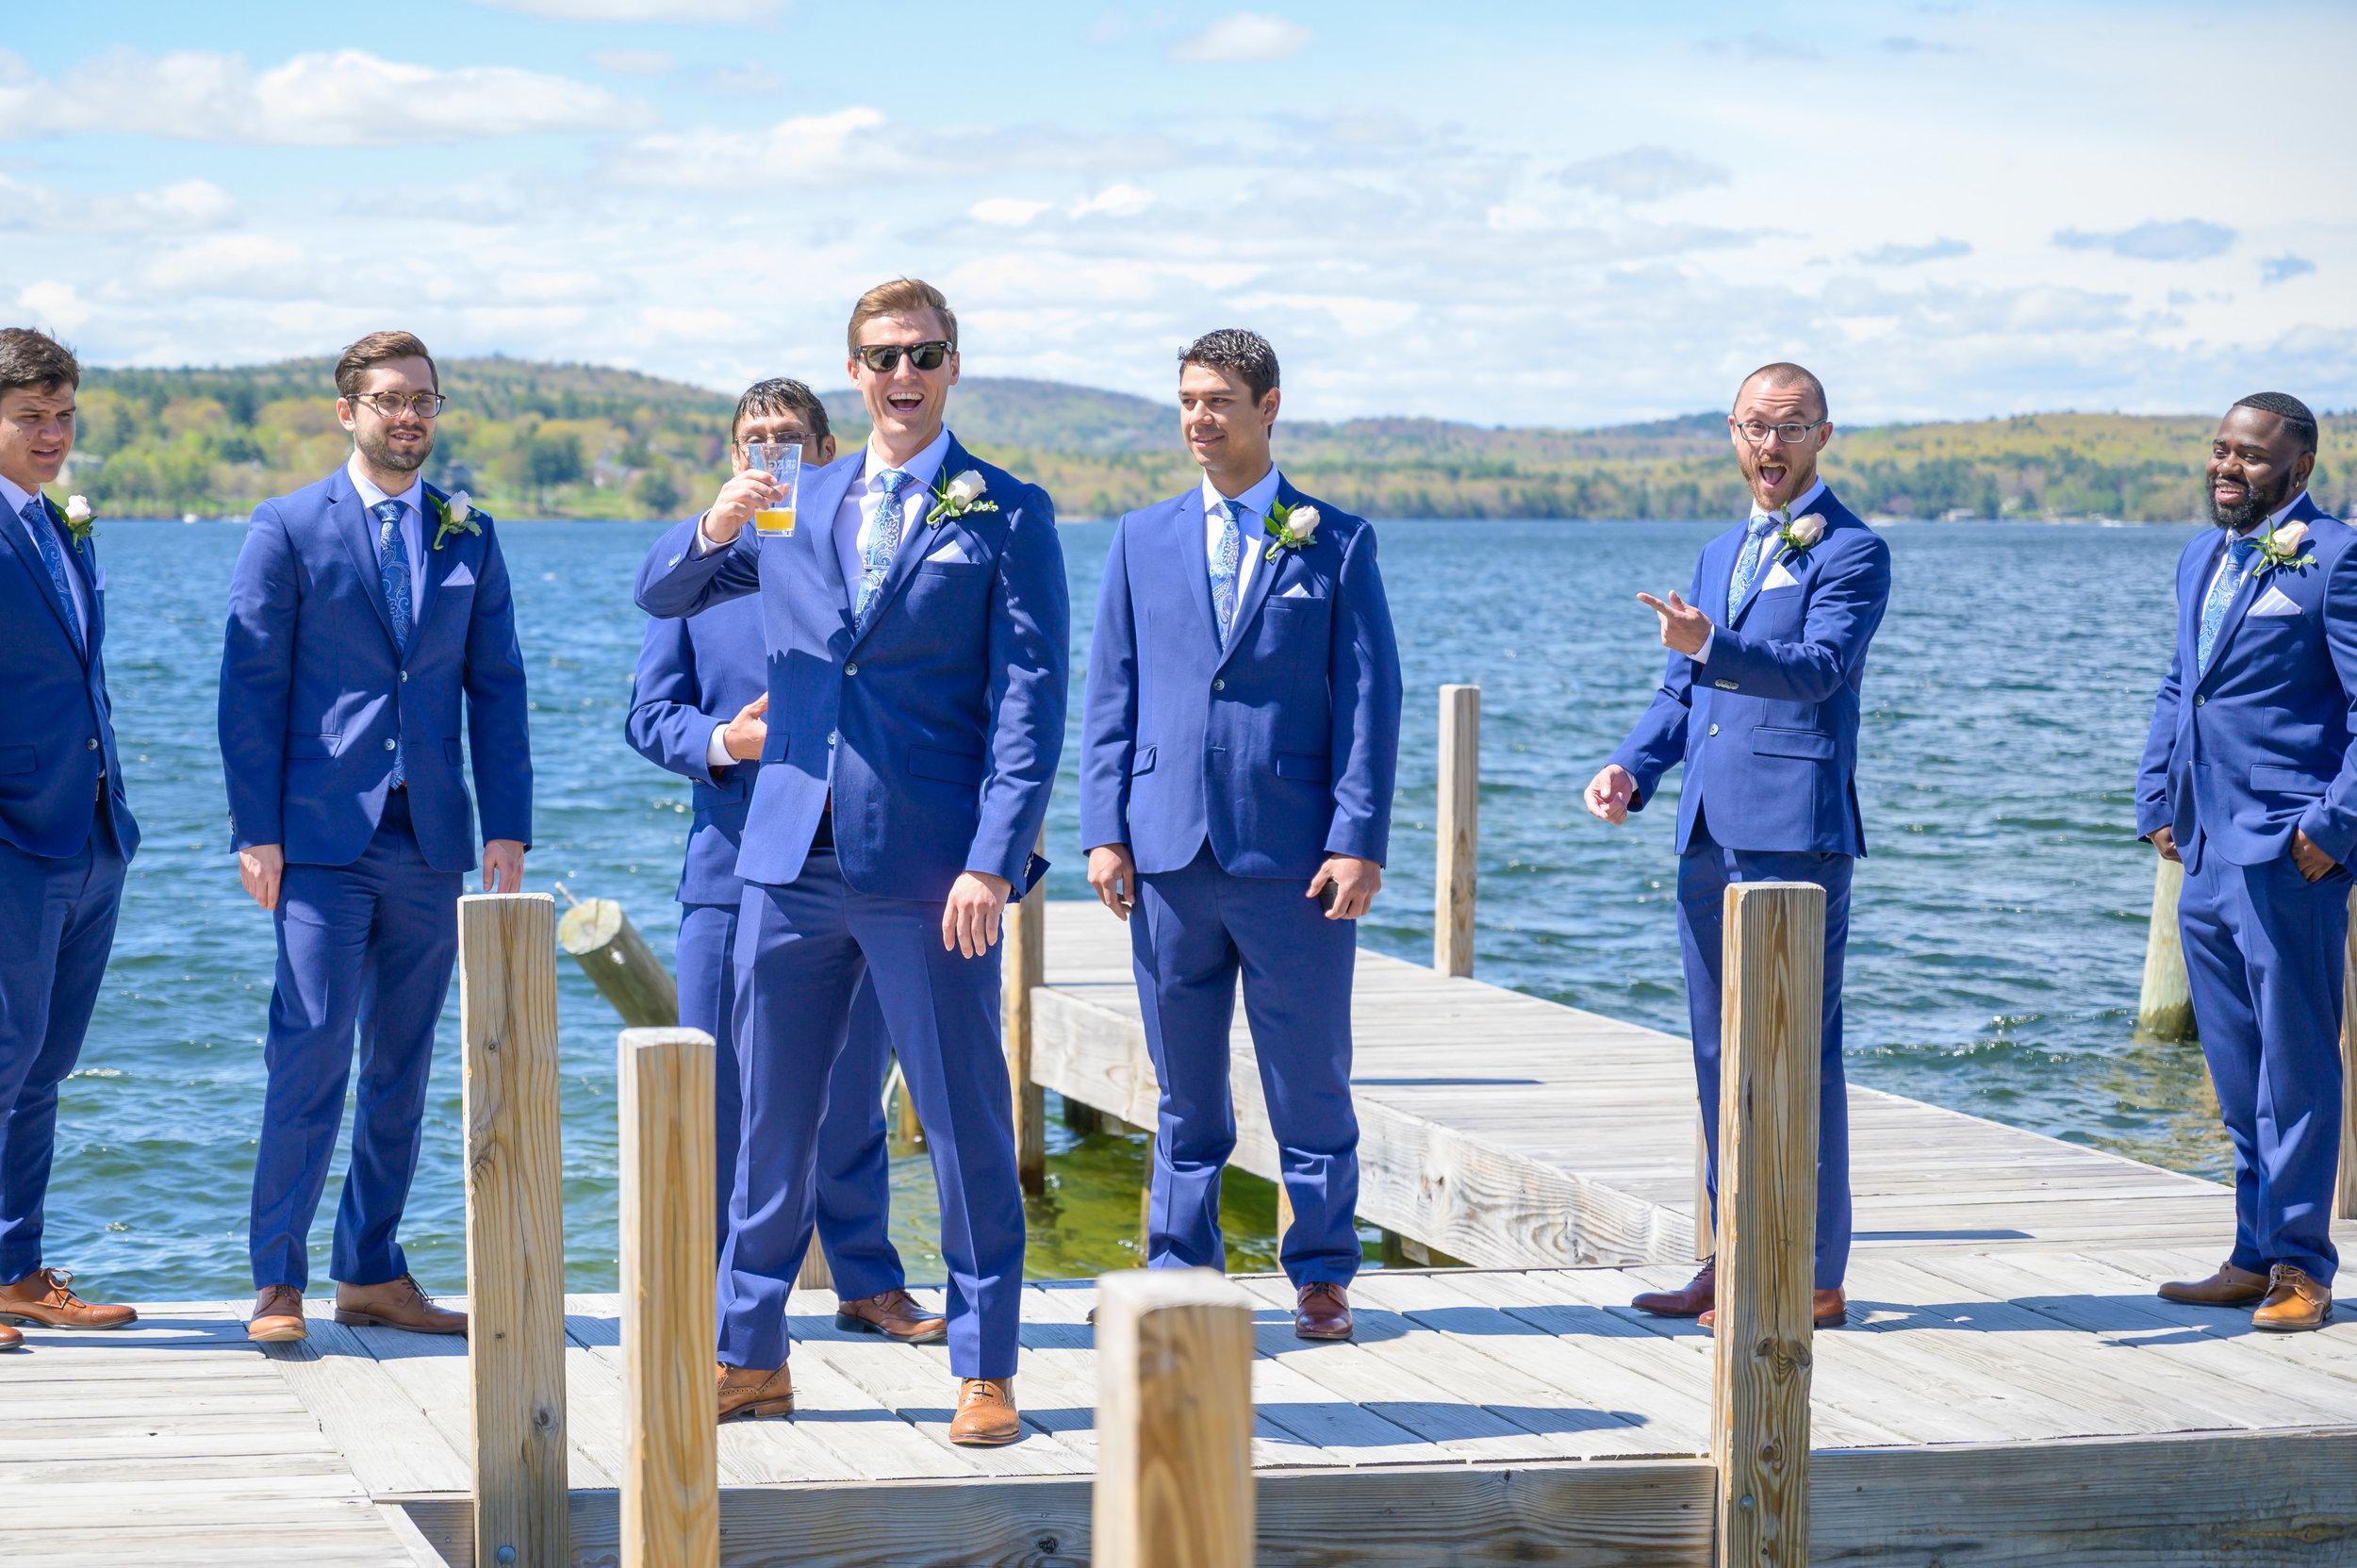 laconia-margate-wedding-photography-87.jpg